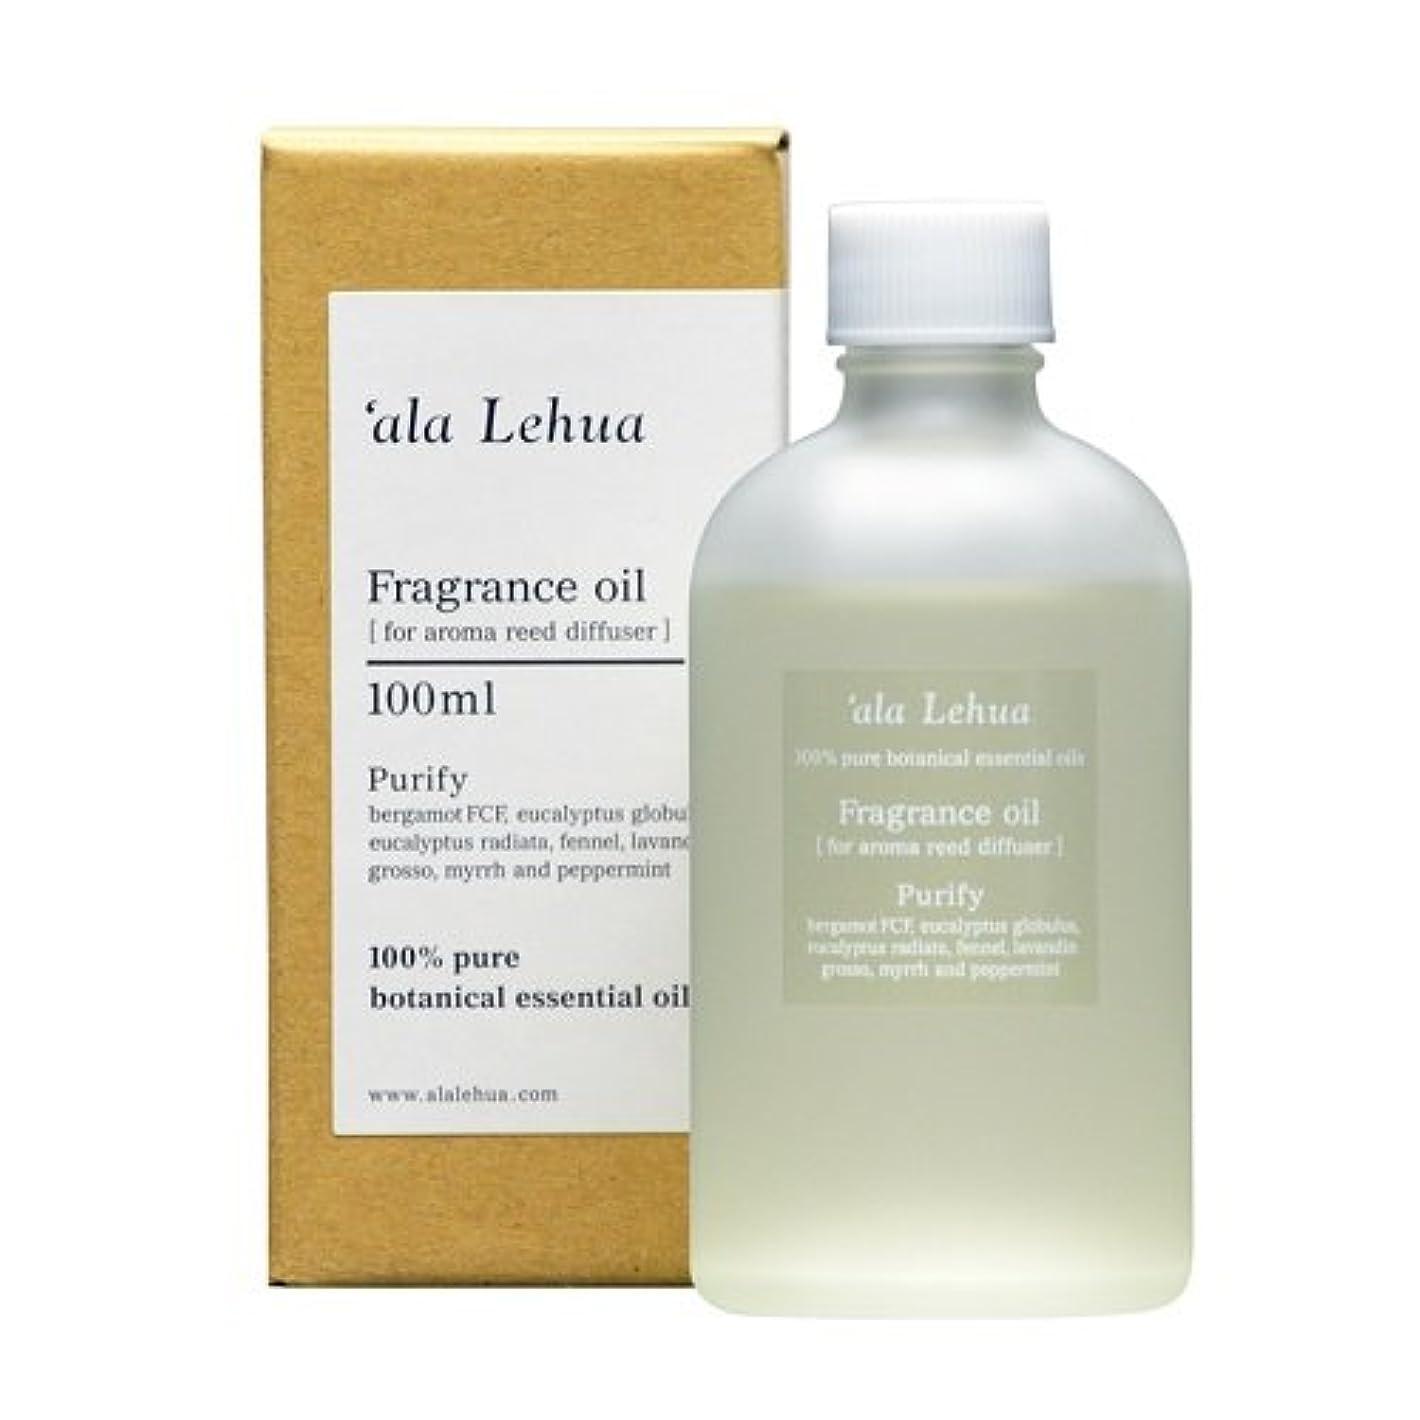 ファイバ拾う論争フレーバーライフ(Flavor Life) `ala Lehua (アラレフア) アロマリードディフューザー フレグランスオイル 100ml purify(ピュリファイ)